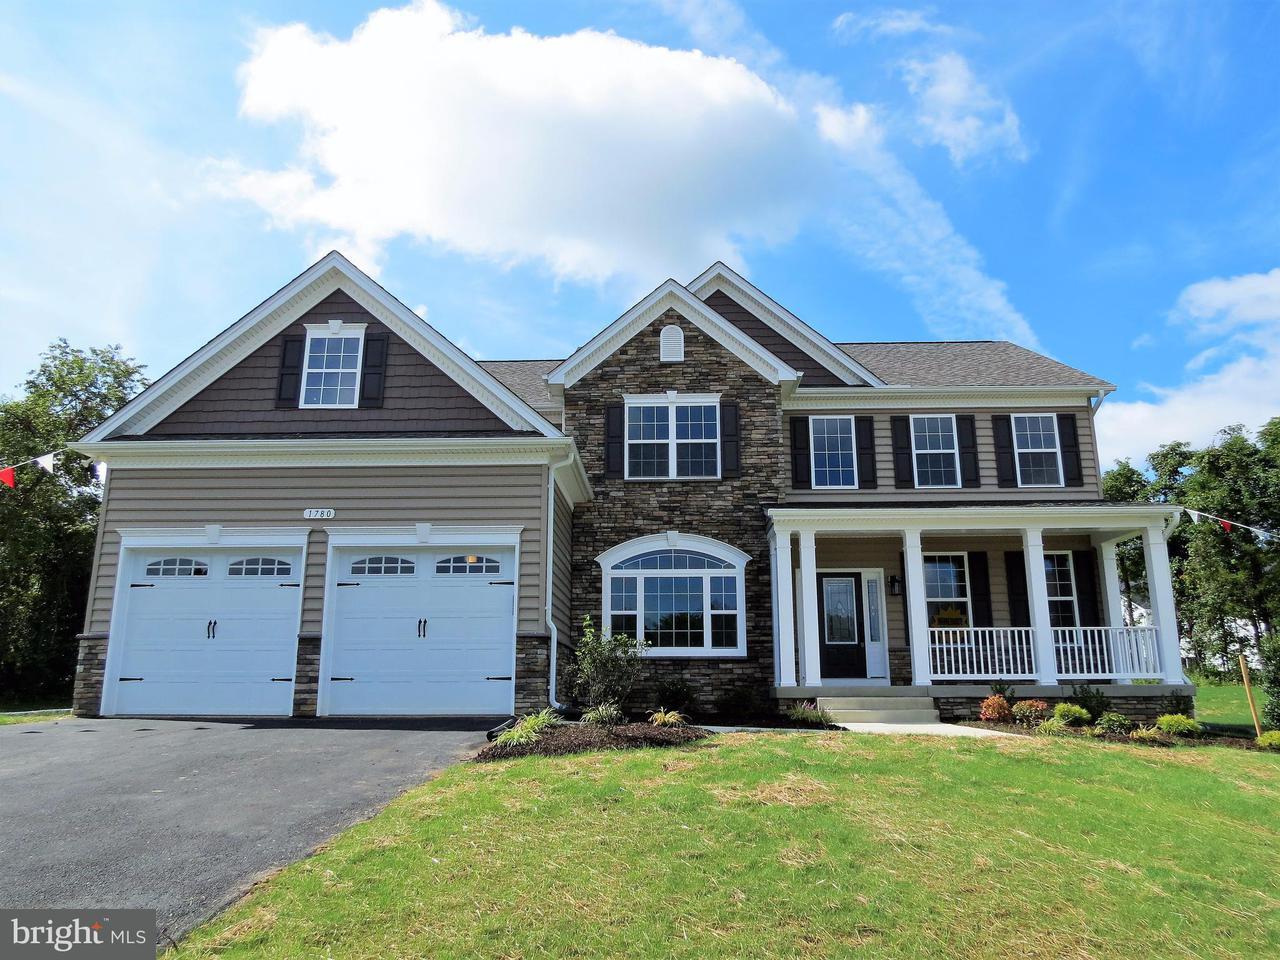 一戸建て のために 売買 アット 1780 PERSPECTIVE Place 1780 PERSPECTIVE Place Owings, メリーランド 20736 アメリカ合衆国